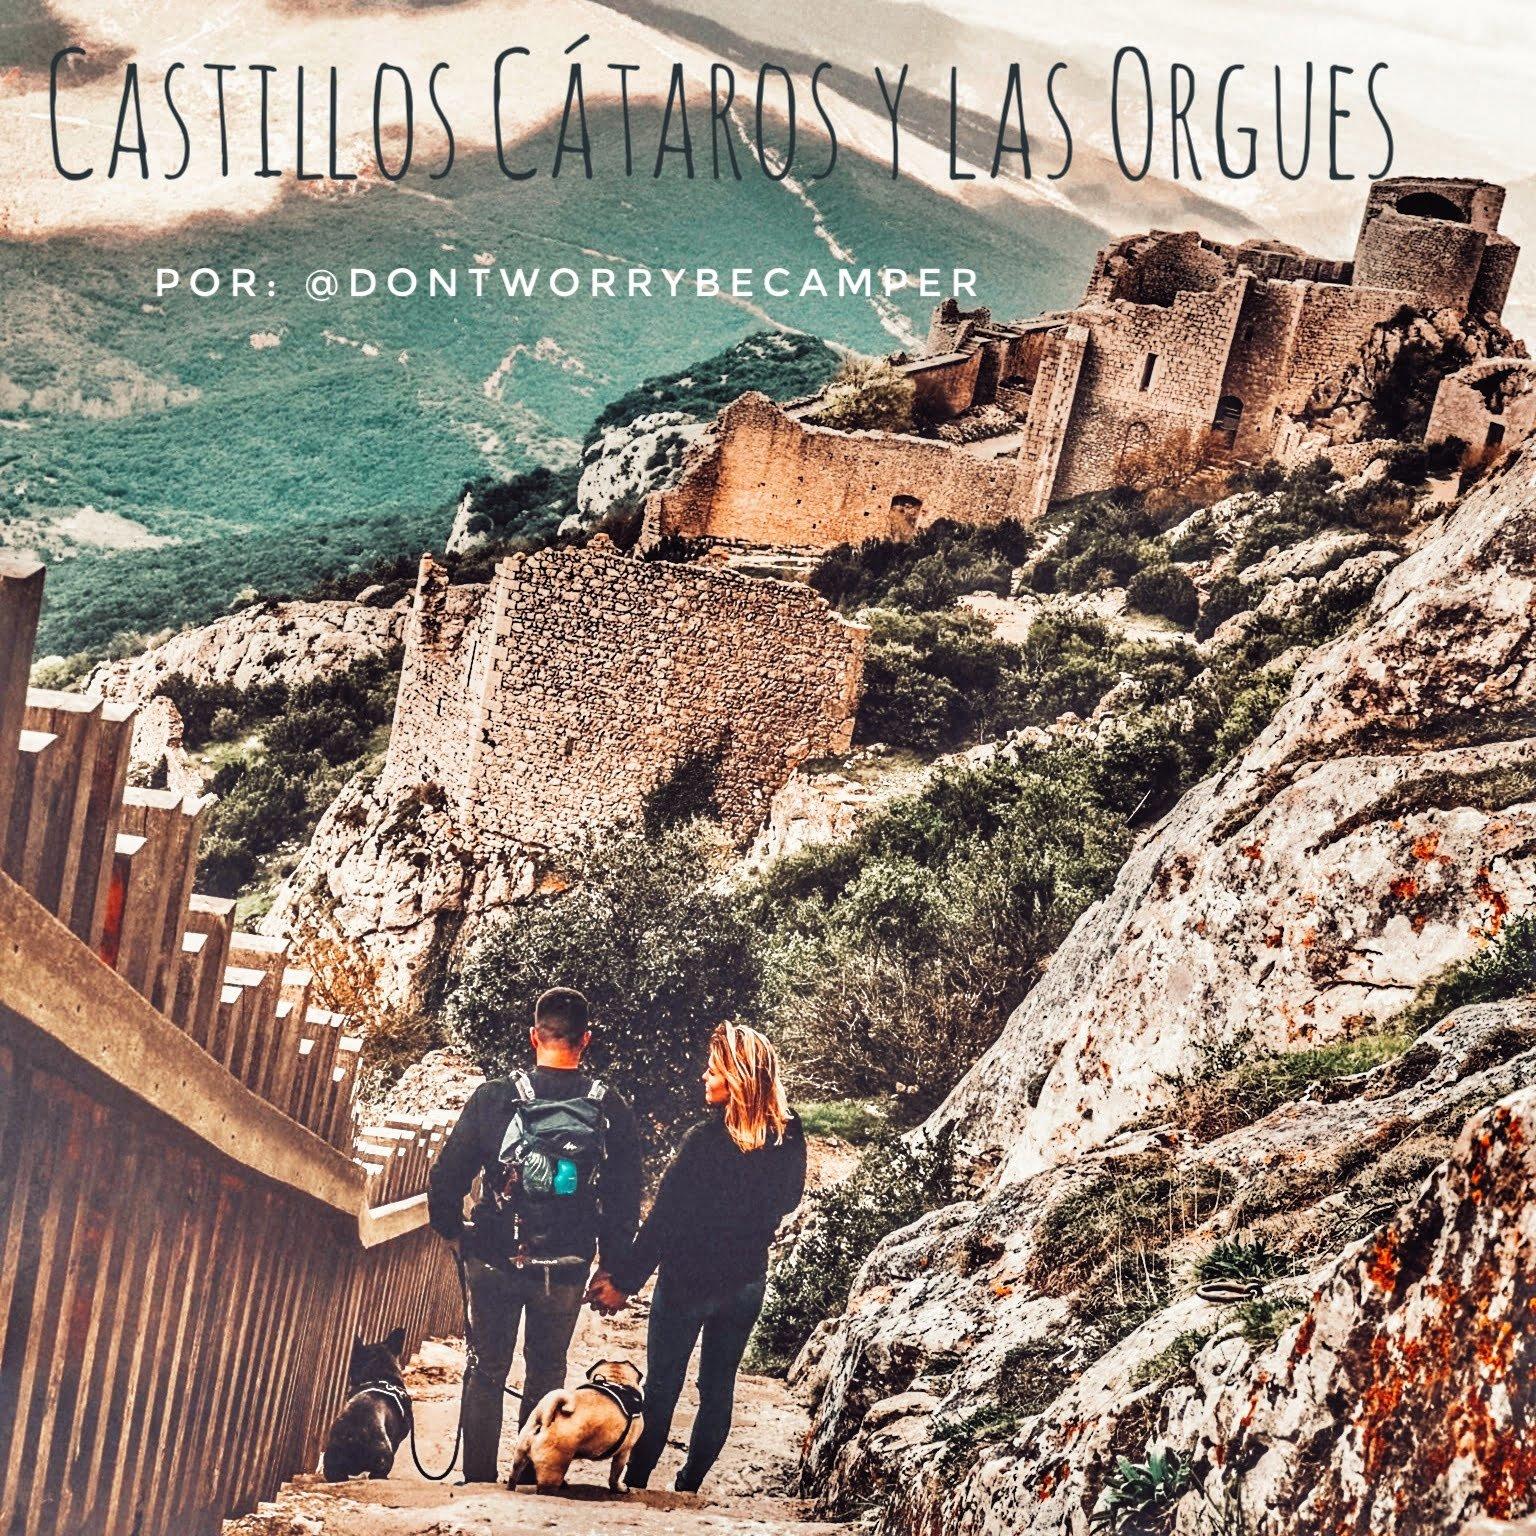 Traversée des Châteaux Cathares et des Orgues dans le sud de la France en camping-car ou en van par @dontworrybecamper